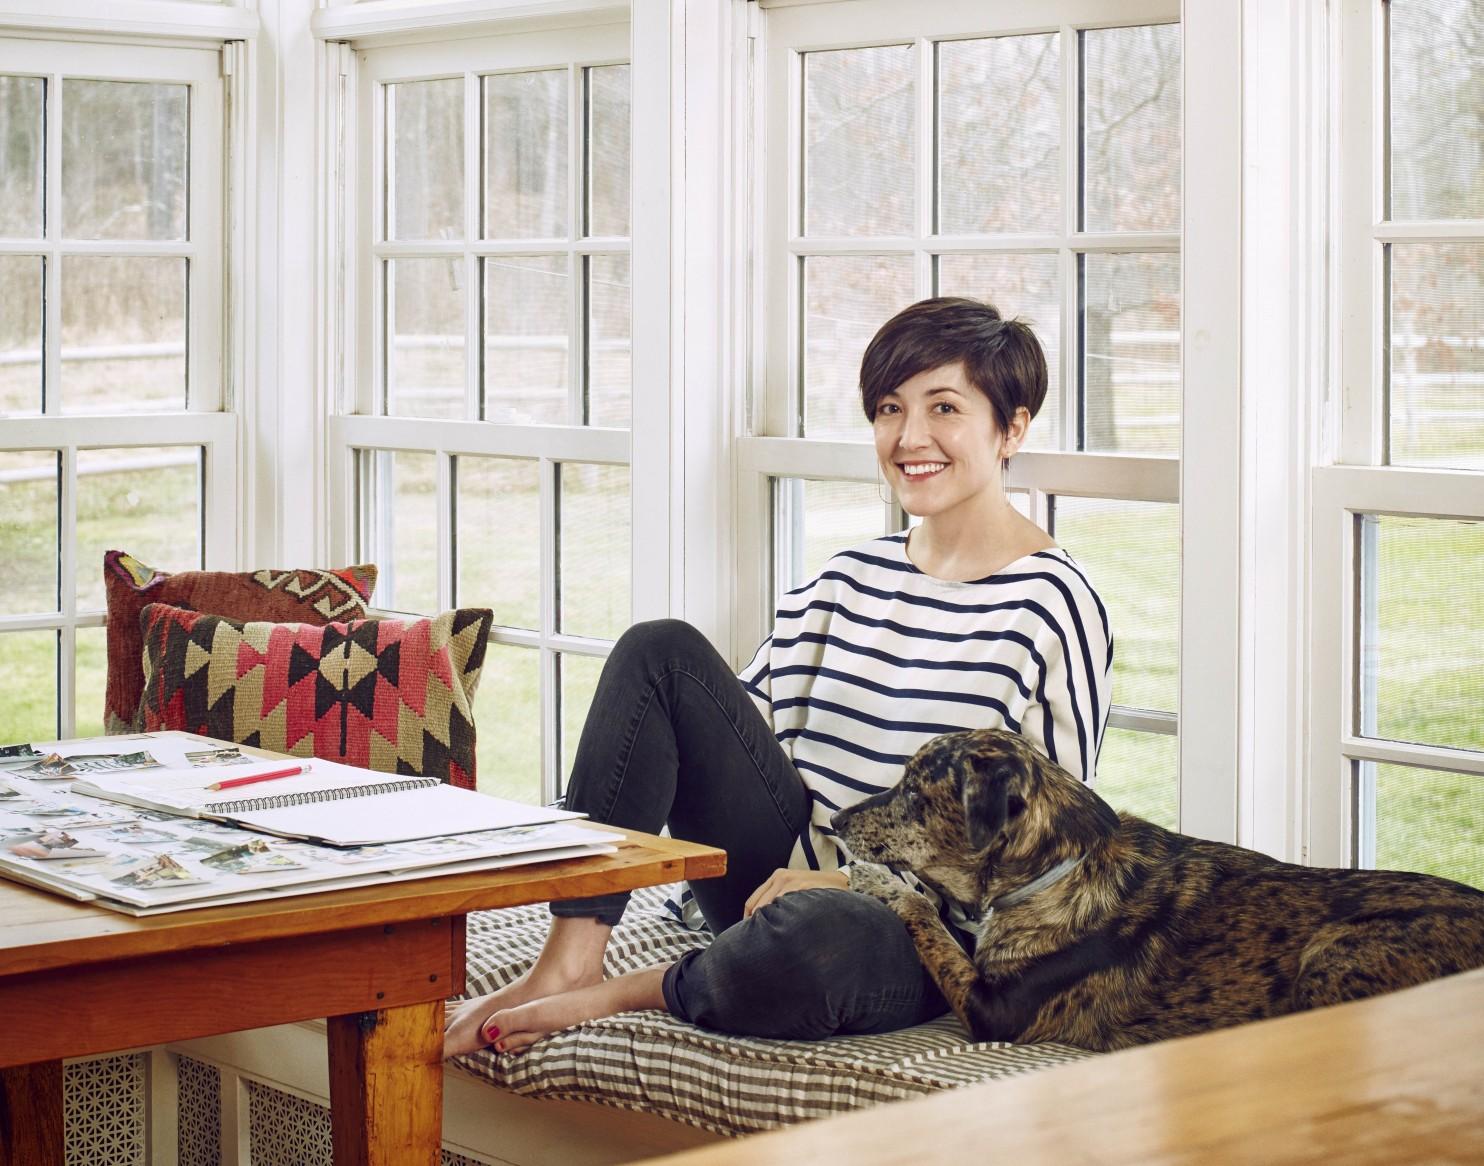 GRACE BONNEY - Founder of Design*Sponge & Author